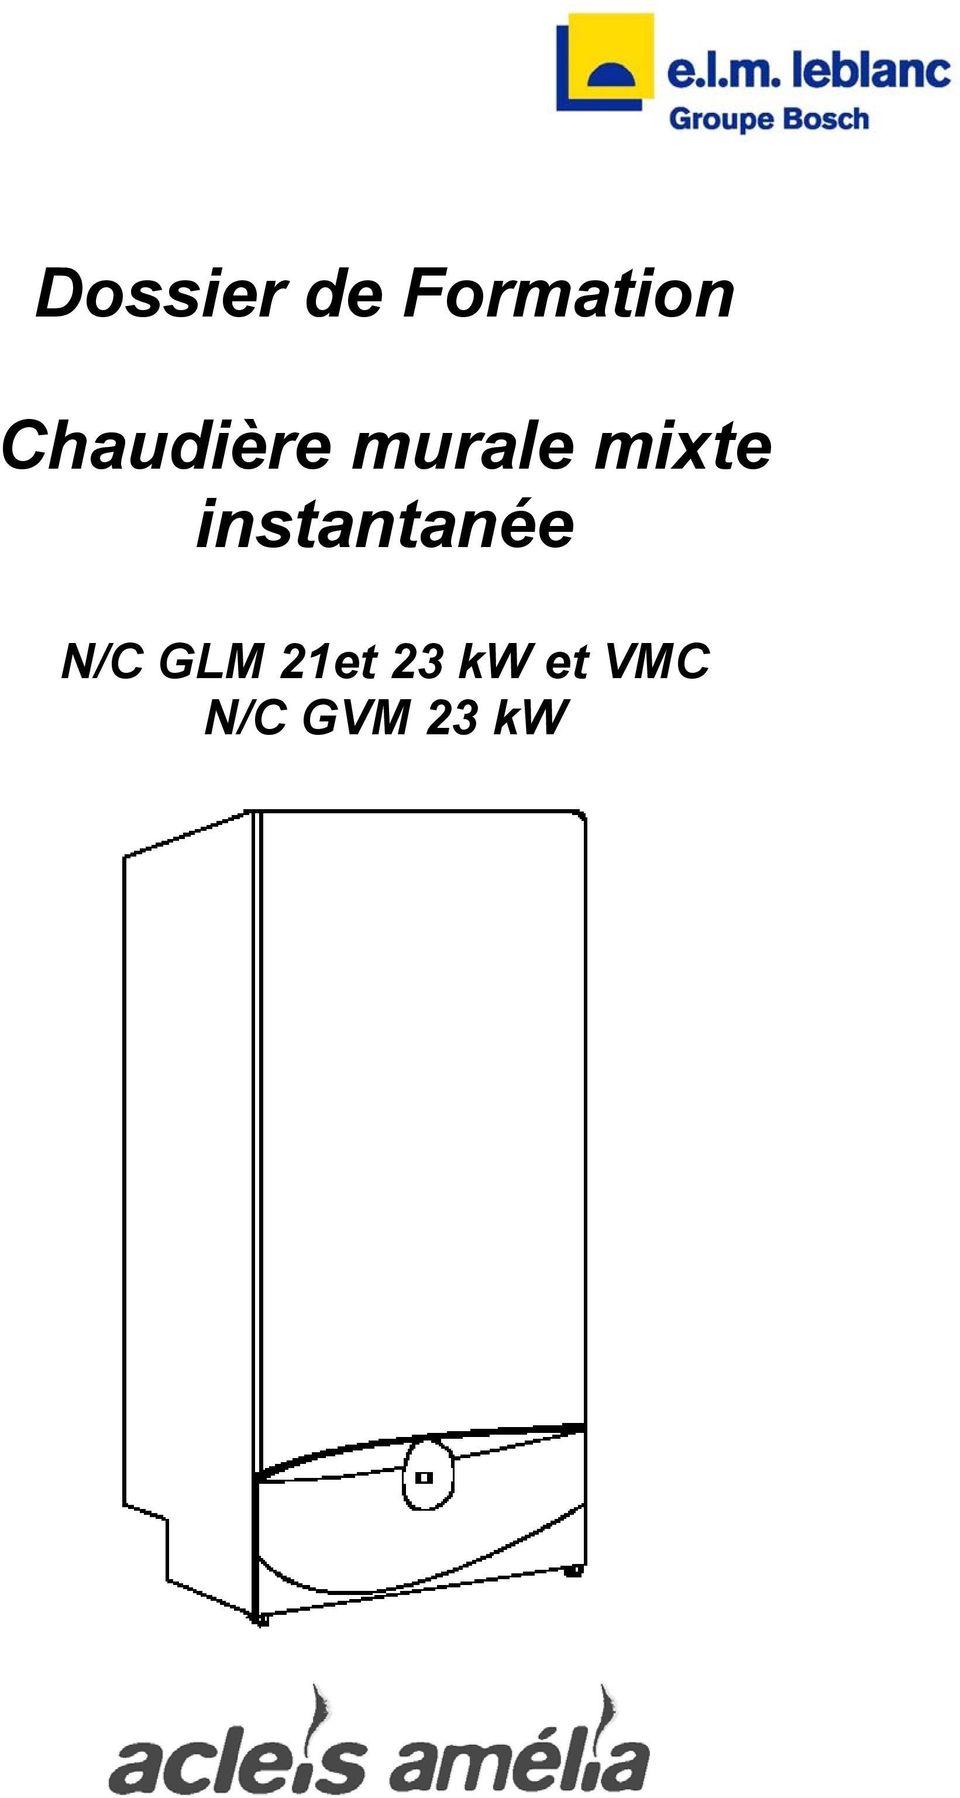 Dossier De Formation Chaudiere Murale Mixte Instantanee N C Glm 21et 23 Kw Et Vmc N C Gvm 23 Kw Pdf Telechargement Gratuit